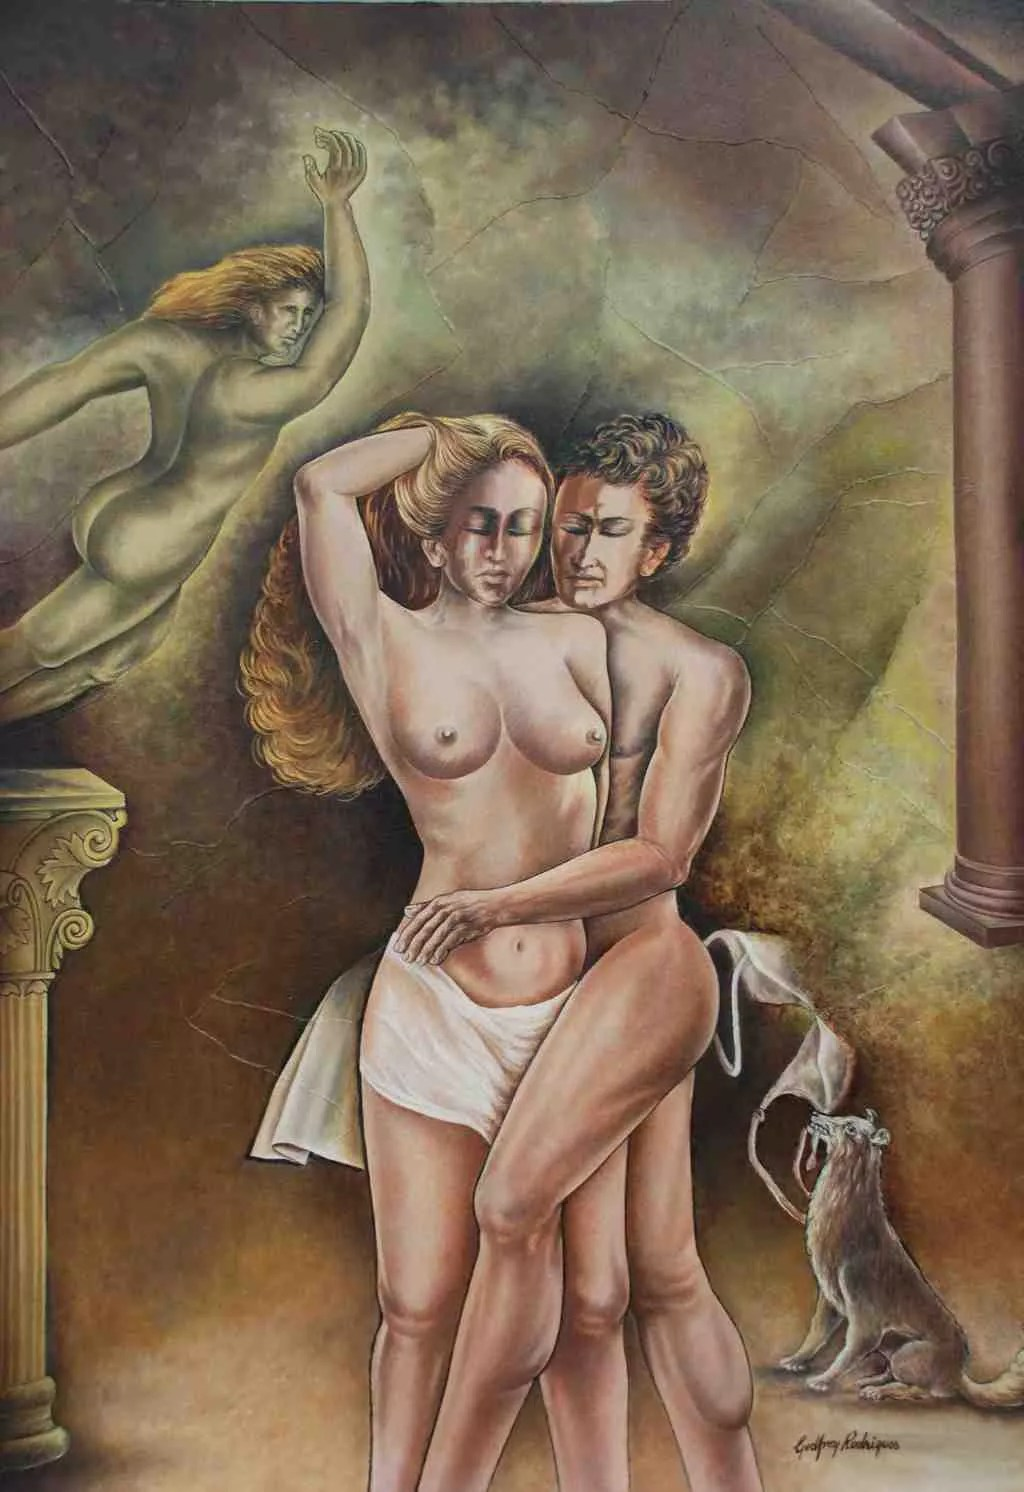 Godfrey Rodrigues Artwork Capitulate  Original Painting